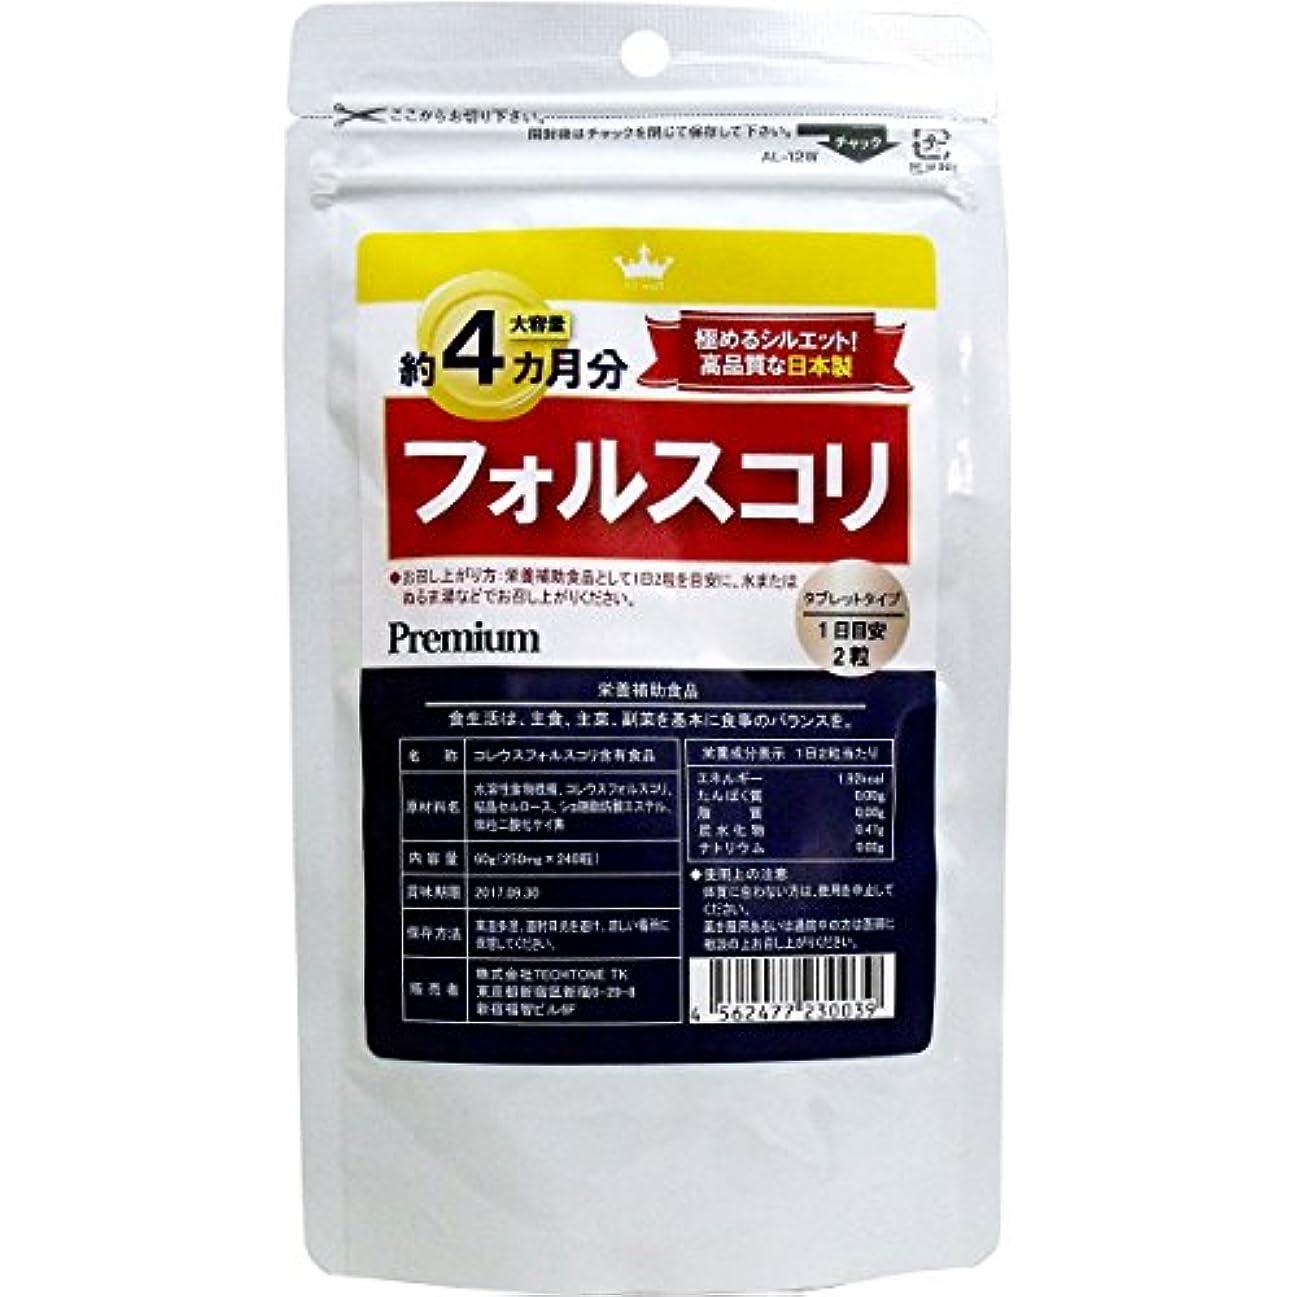 エネルギーヨーグルトデザートサプリ 高品質な日本製 話題の フォルスコリ 約4カ月分 240粒入【4個セット】